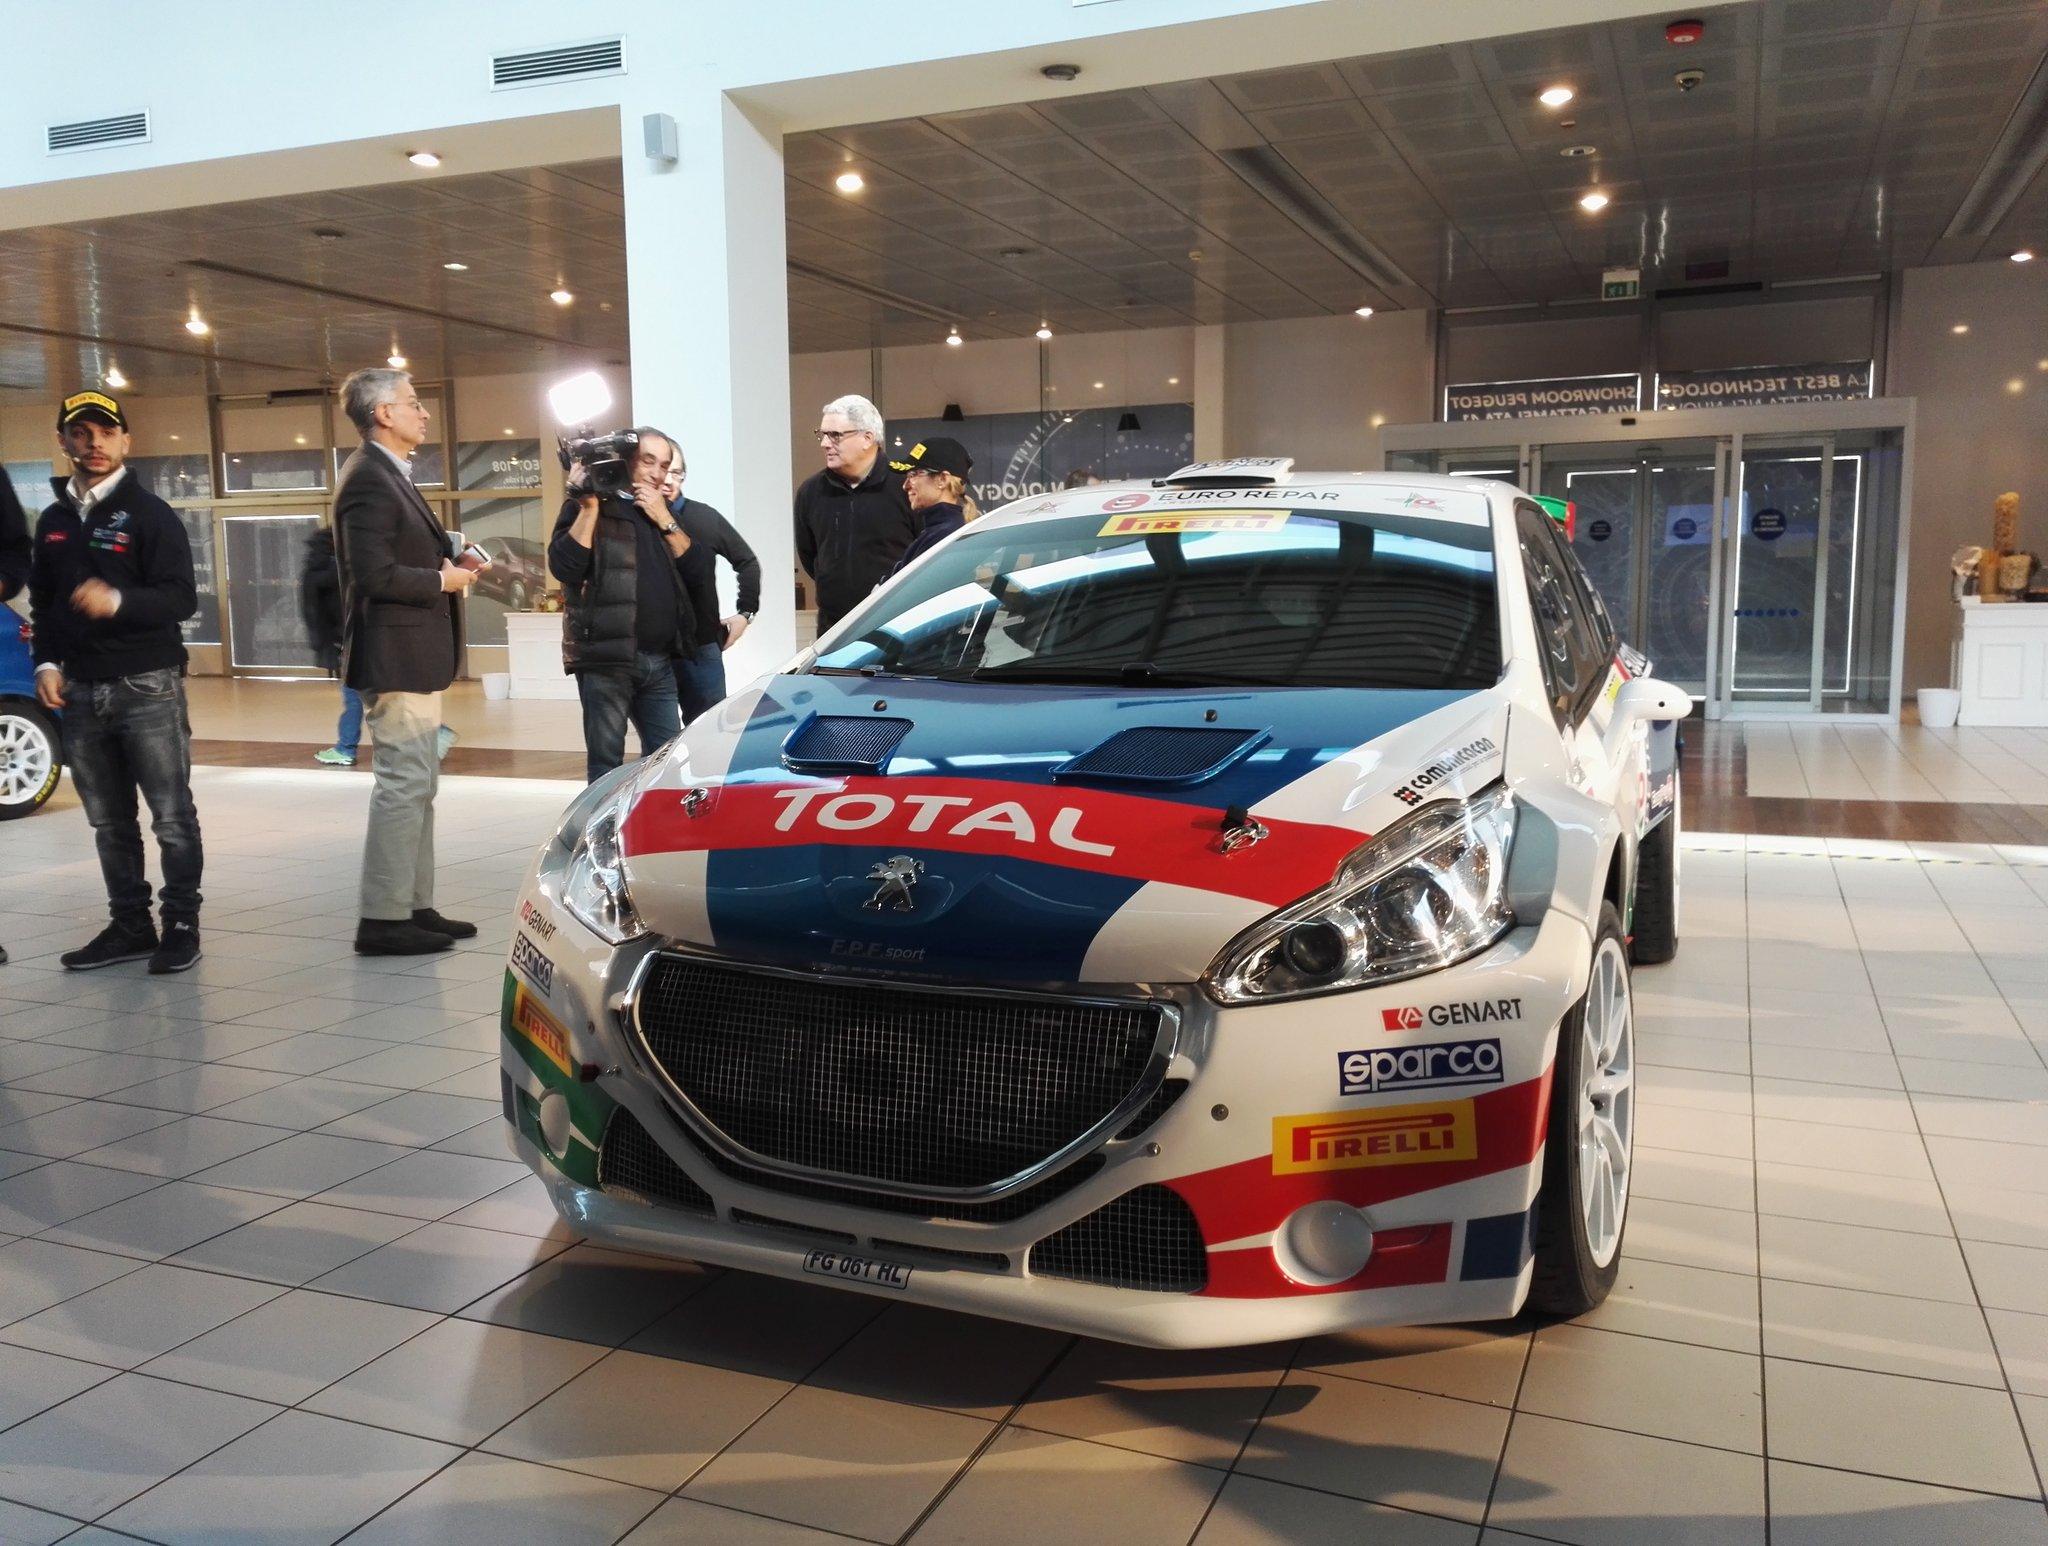 Nacionales de Rallyes Europeos(y no Europeos) 2018: Información y novedades - Página 4 DXCqx0jW0AEXc_w